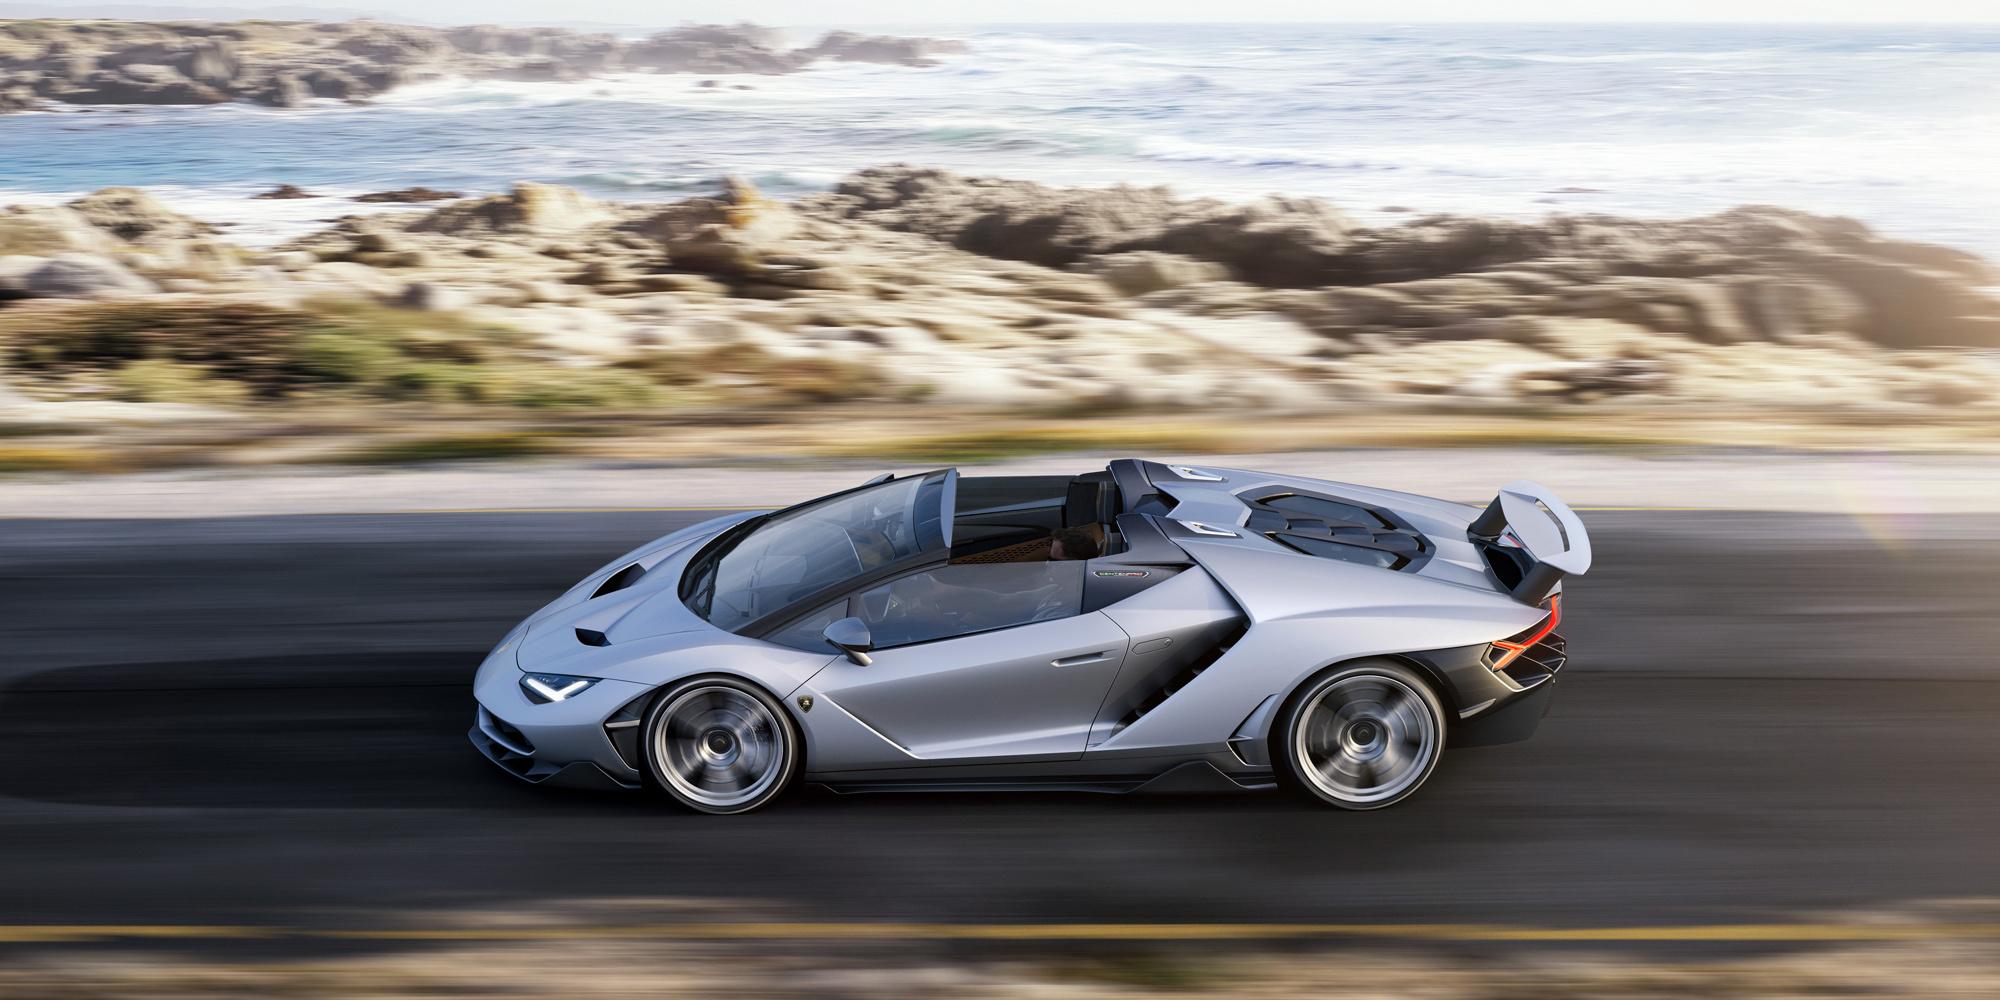 Lamborghini Centenario Roadster Pictures